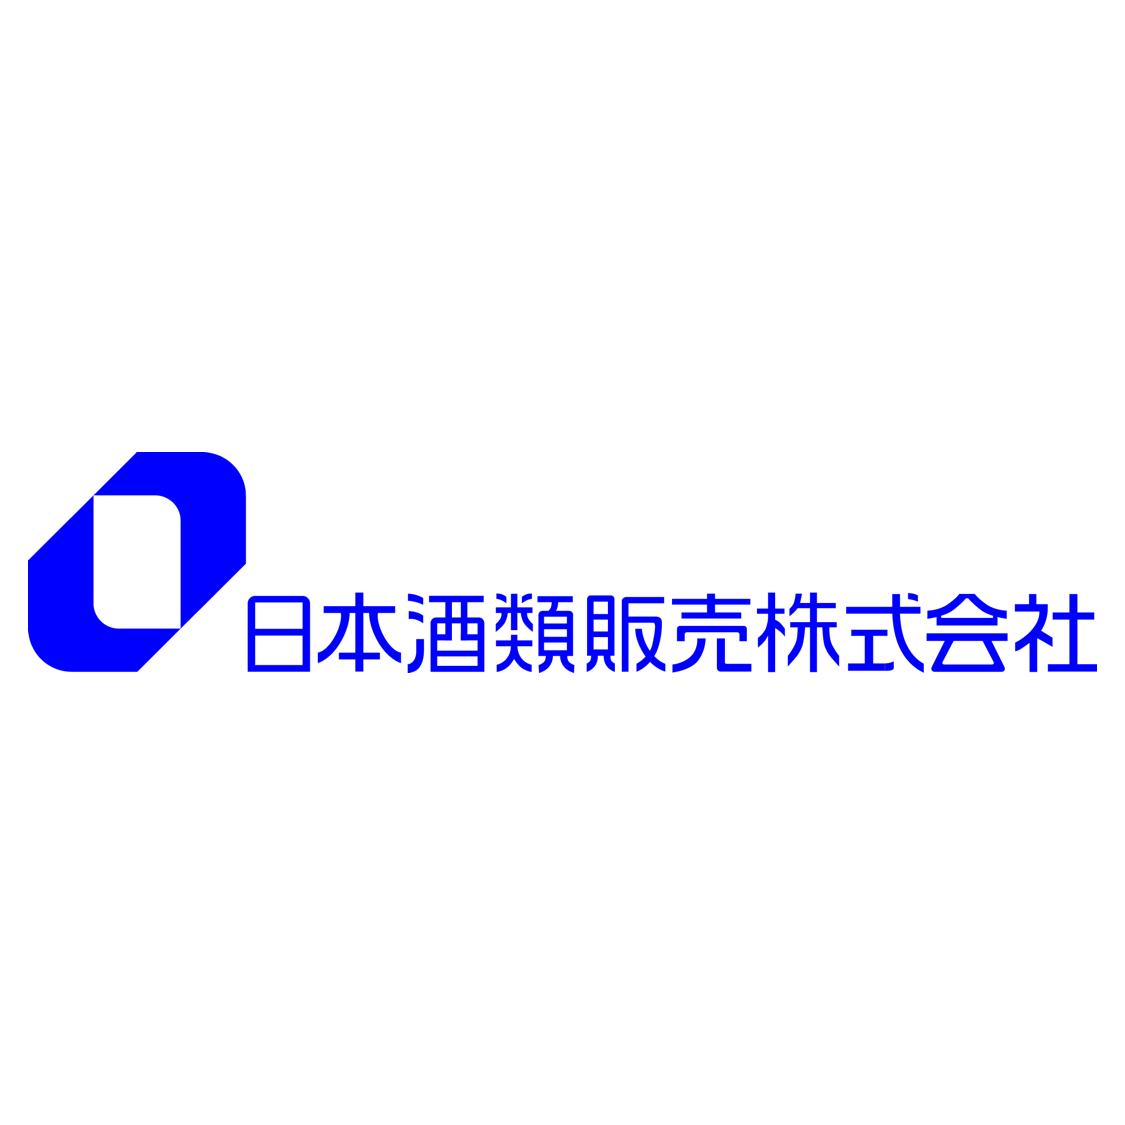 日本酒類販売 企業ロゴ